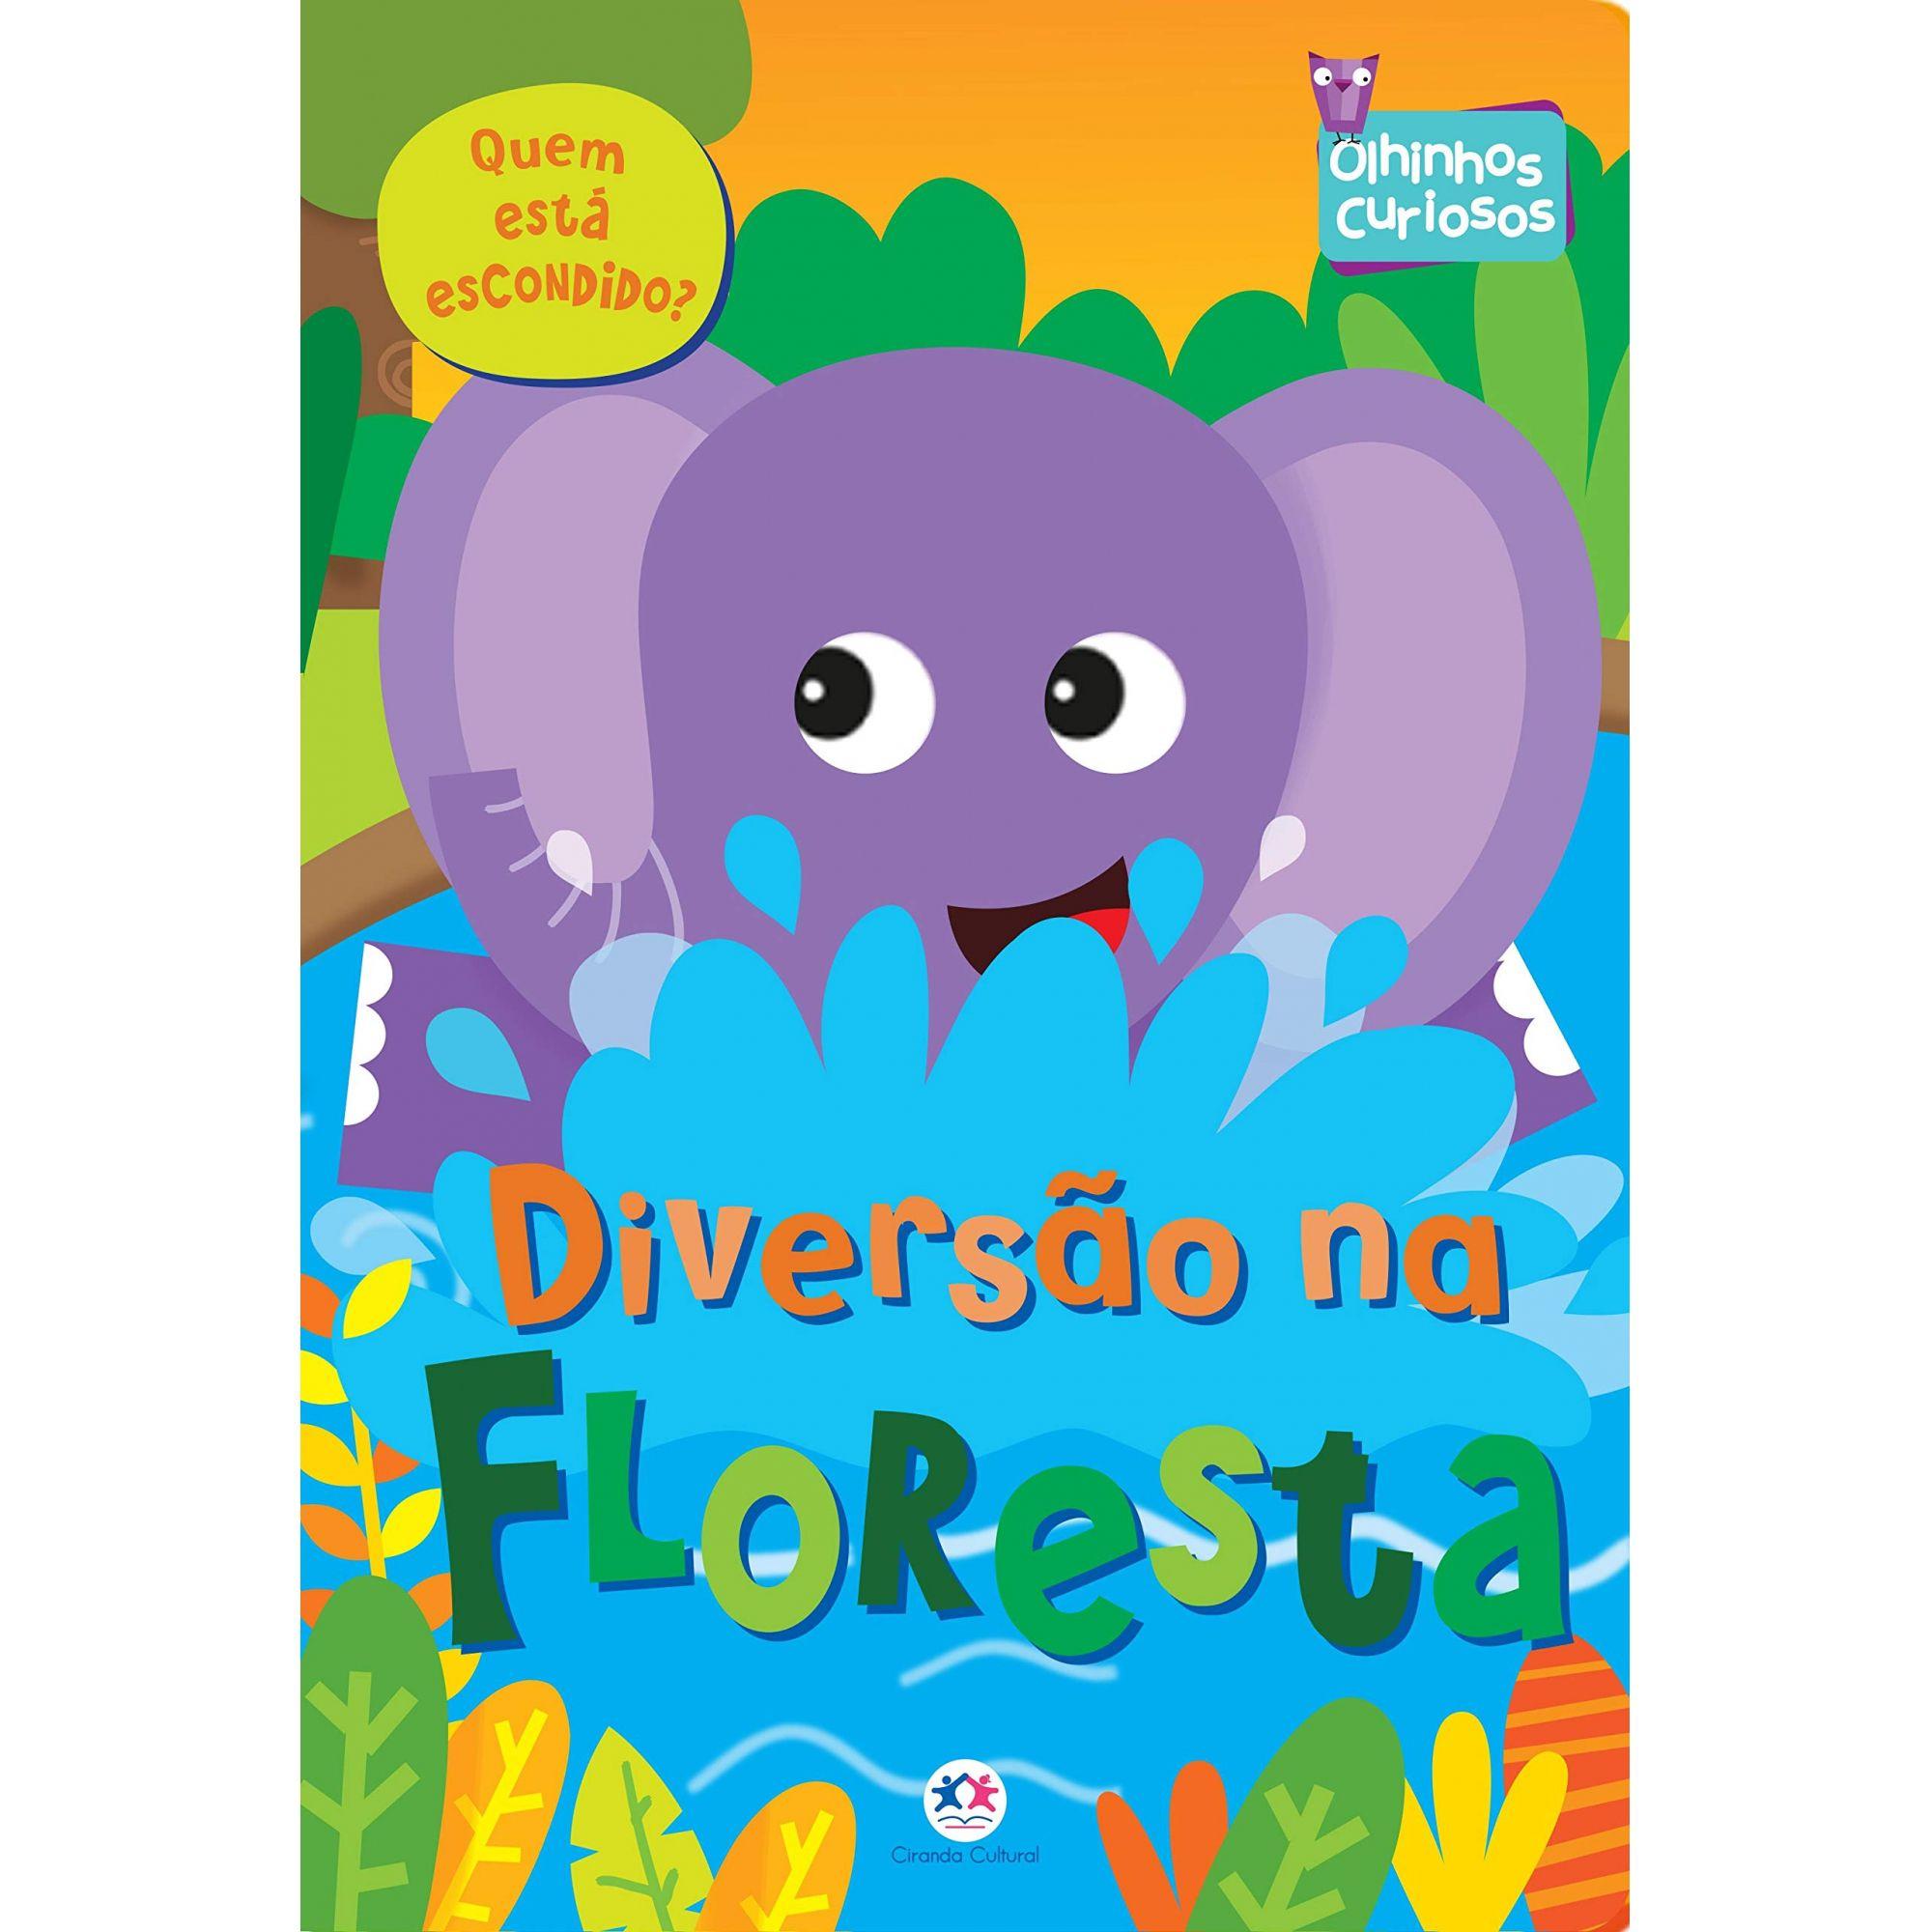 OLHINHOS CURIOSOS - DIVERSÃO NA FLORESTA